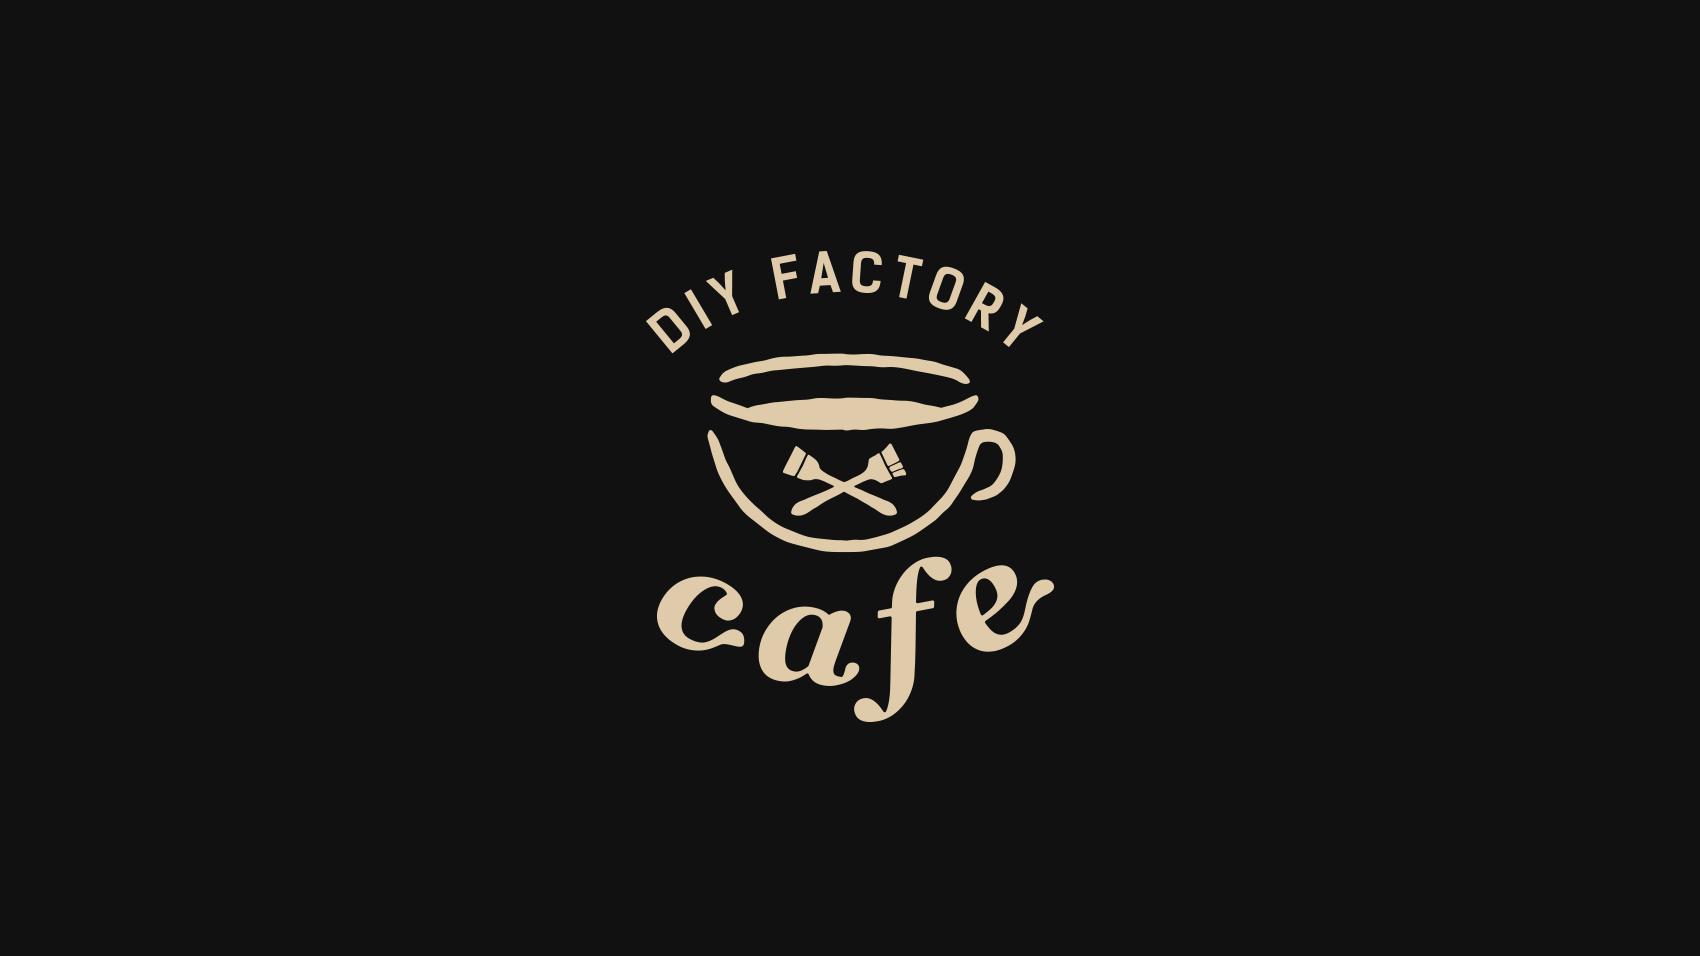 工具とカフェのコラボ?DIY FACTORY cafeのロゴデザイン